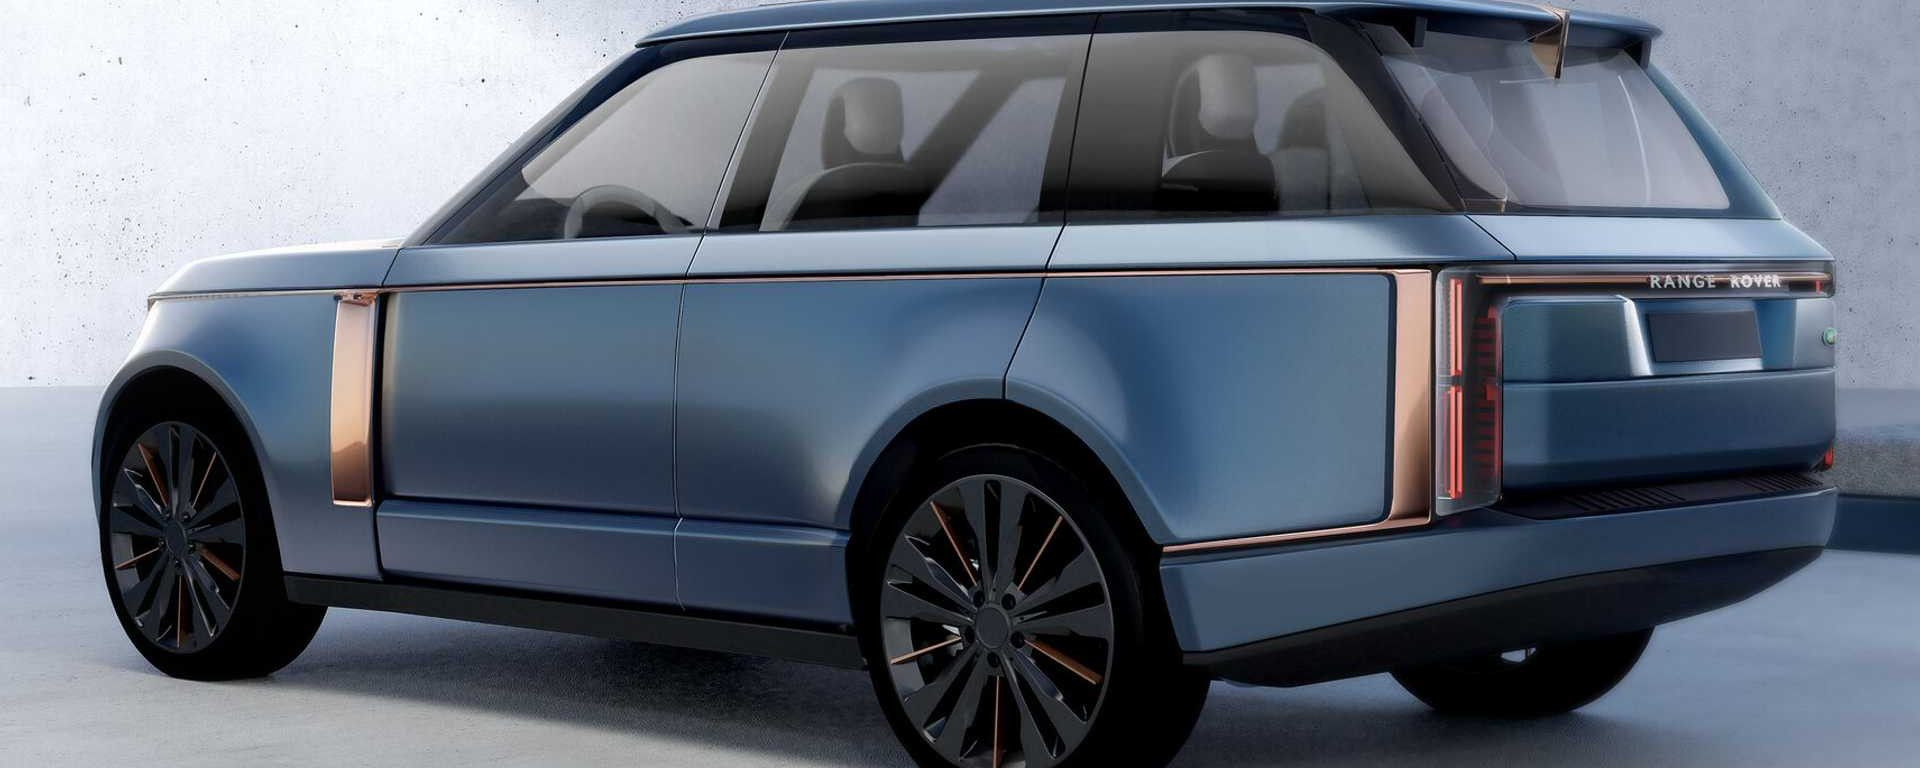 Nuova Range Rover, dal 2024 anche full electric